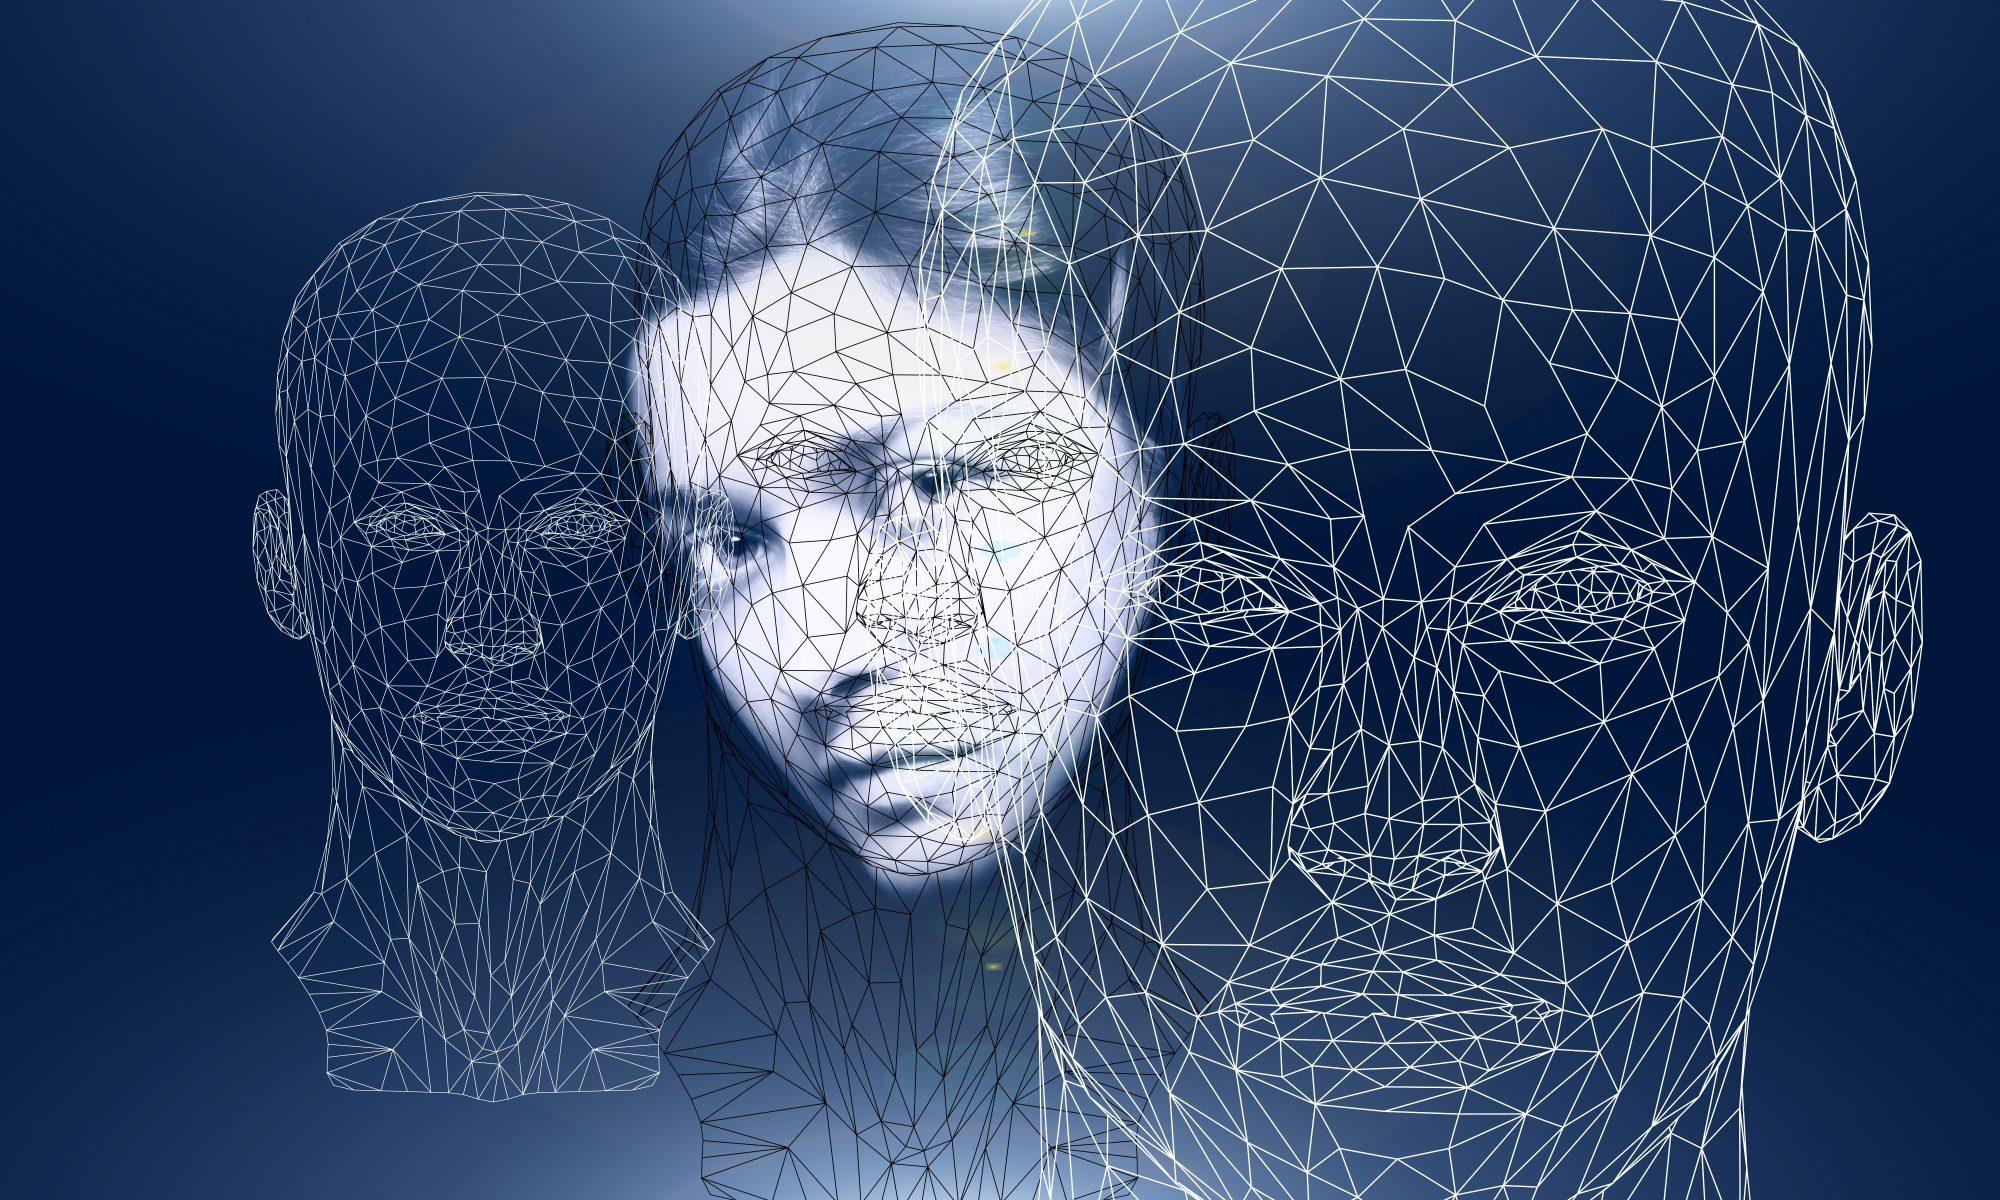 le subconscient est un médiateur entre le présent et les passés, passé récent, passé ancien, passé historique... il est un pion important dans le contrôle cybernétique nécessaire à l'homéostasie et intervient aussi sur les centres moteurs, sensitifs, végétatifs.